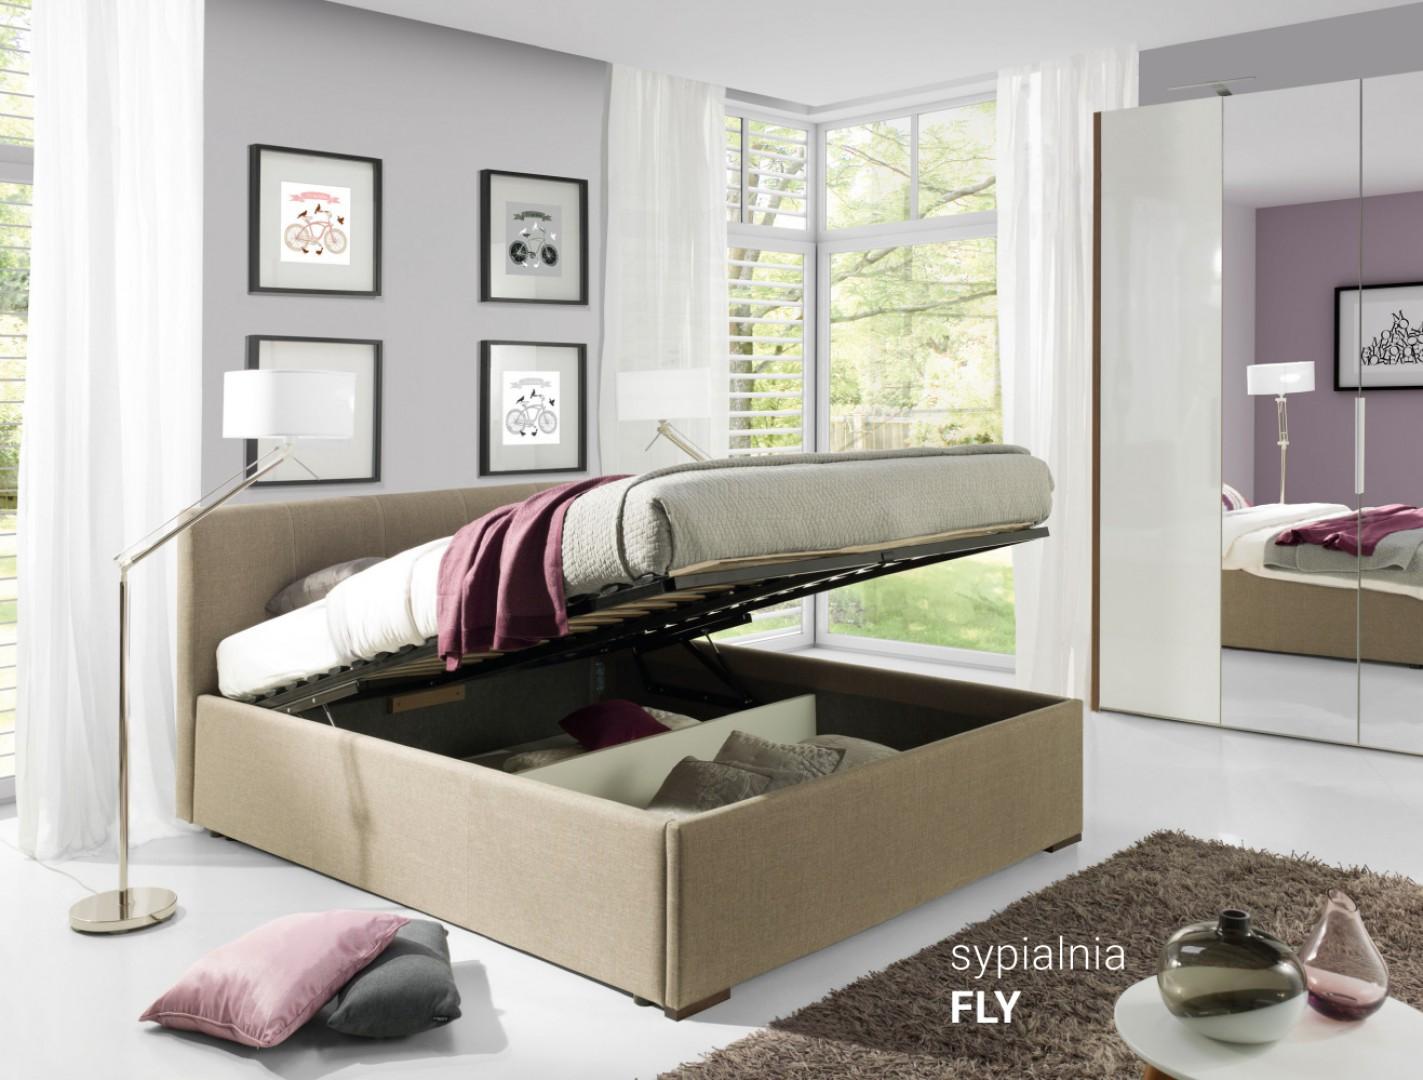 Łóżko tapicerowane z kolekcji Fly, z podnośnikiem. Fot. Wajnert